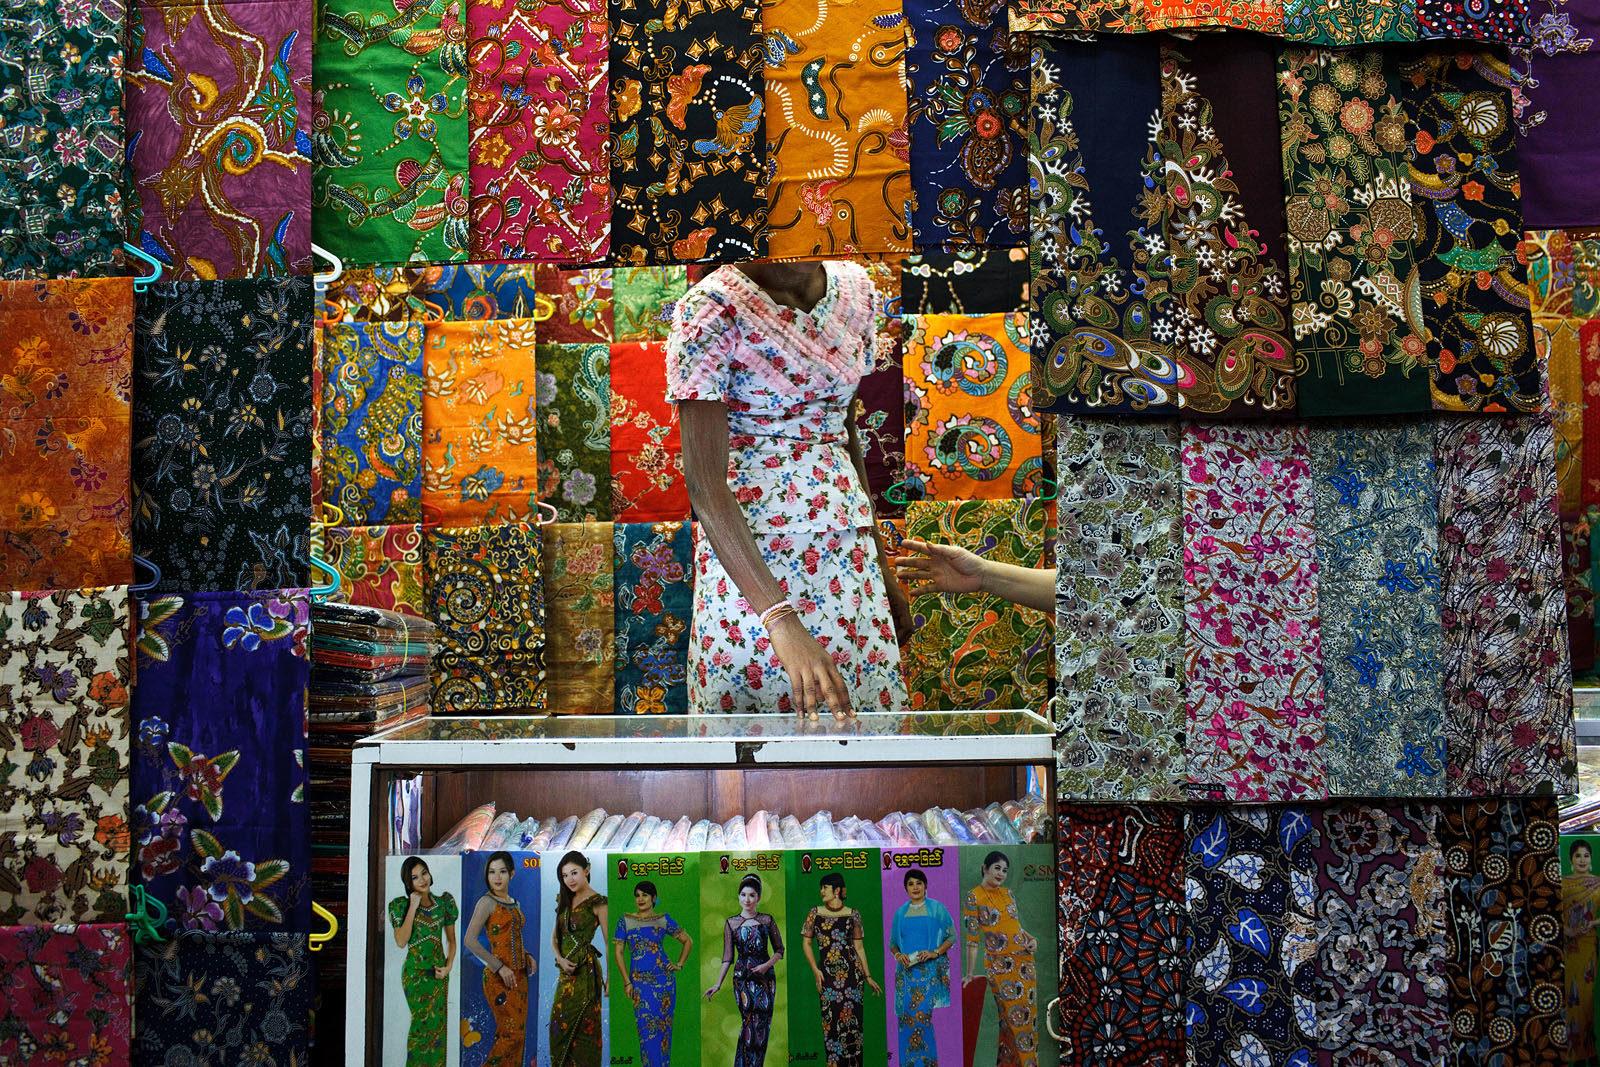 myanmar_Yangon_Bogyoke_Aung_San_Market_shop_street_photography-1600x1067.jpg